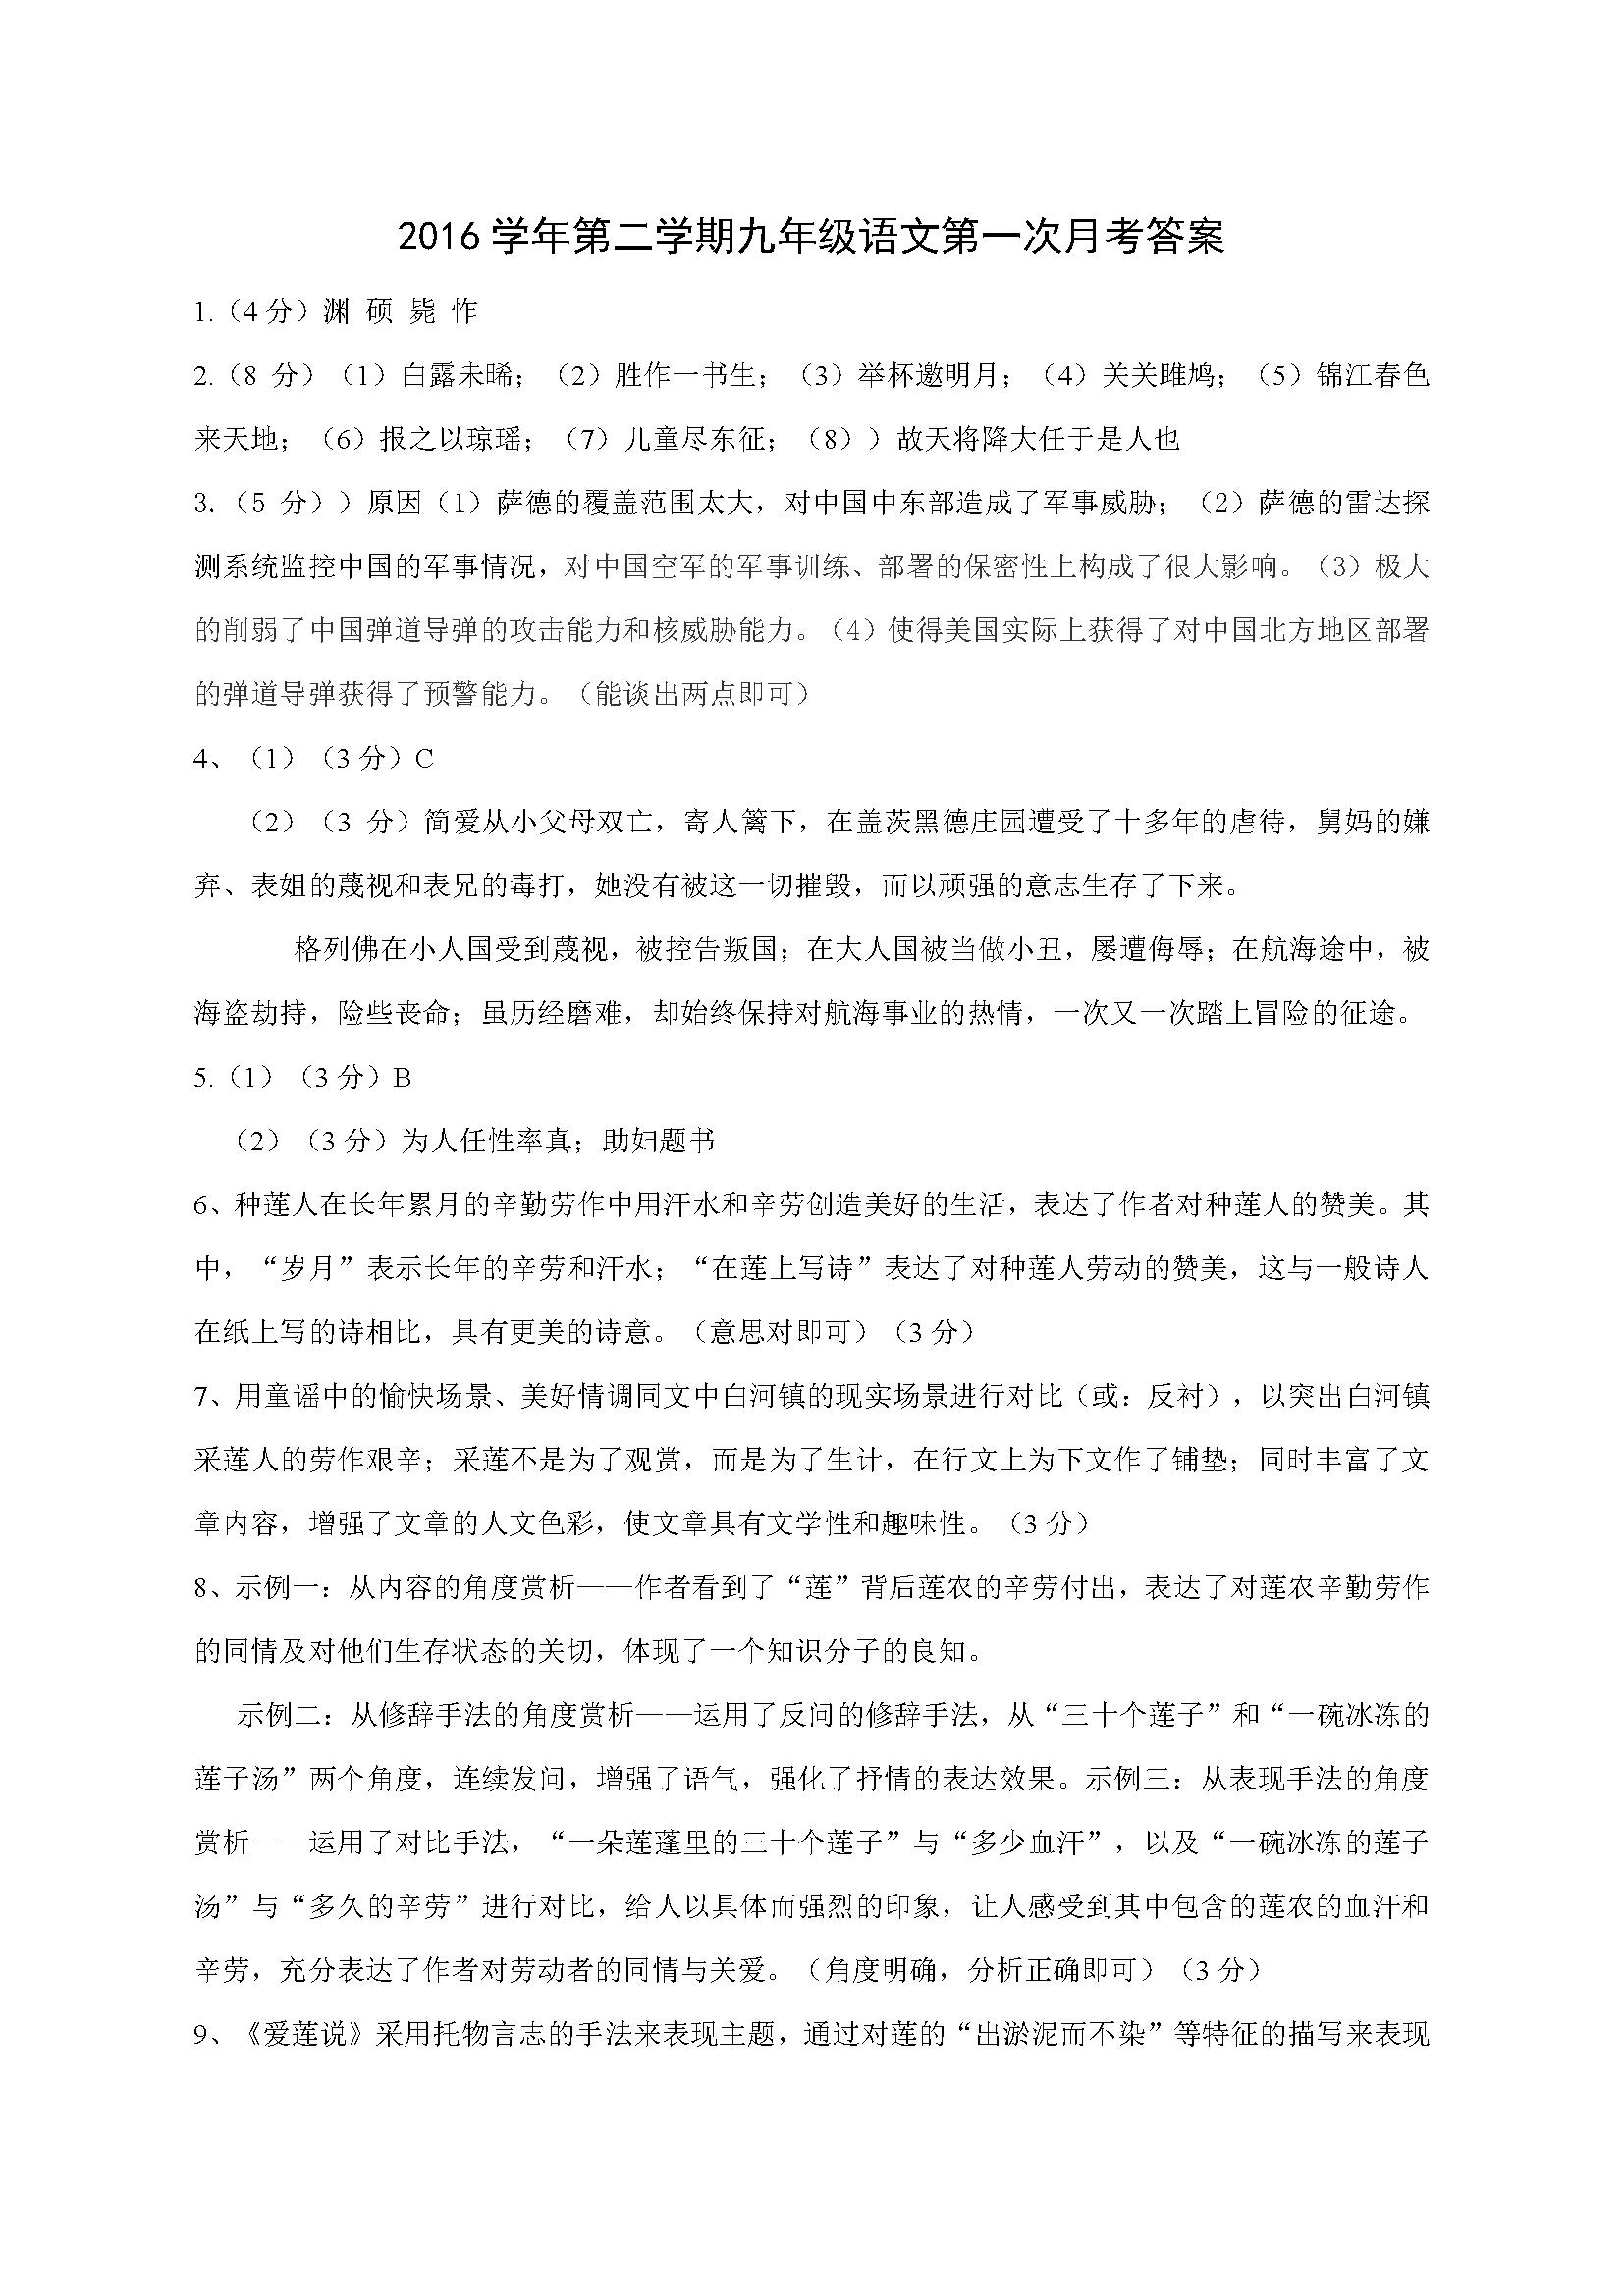 2017浙江绍兴永和中学九年级3月月考语文试题答案(Word版)